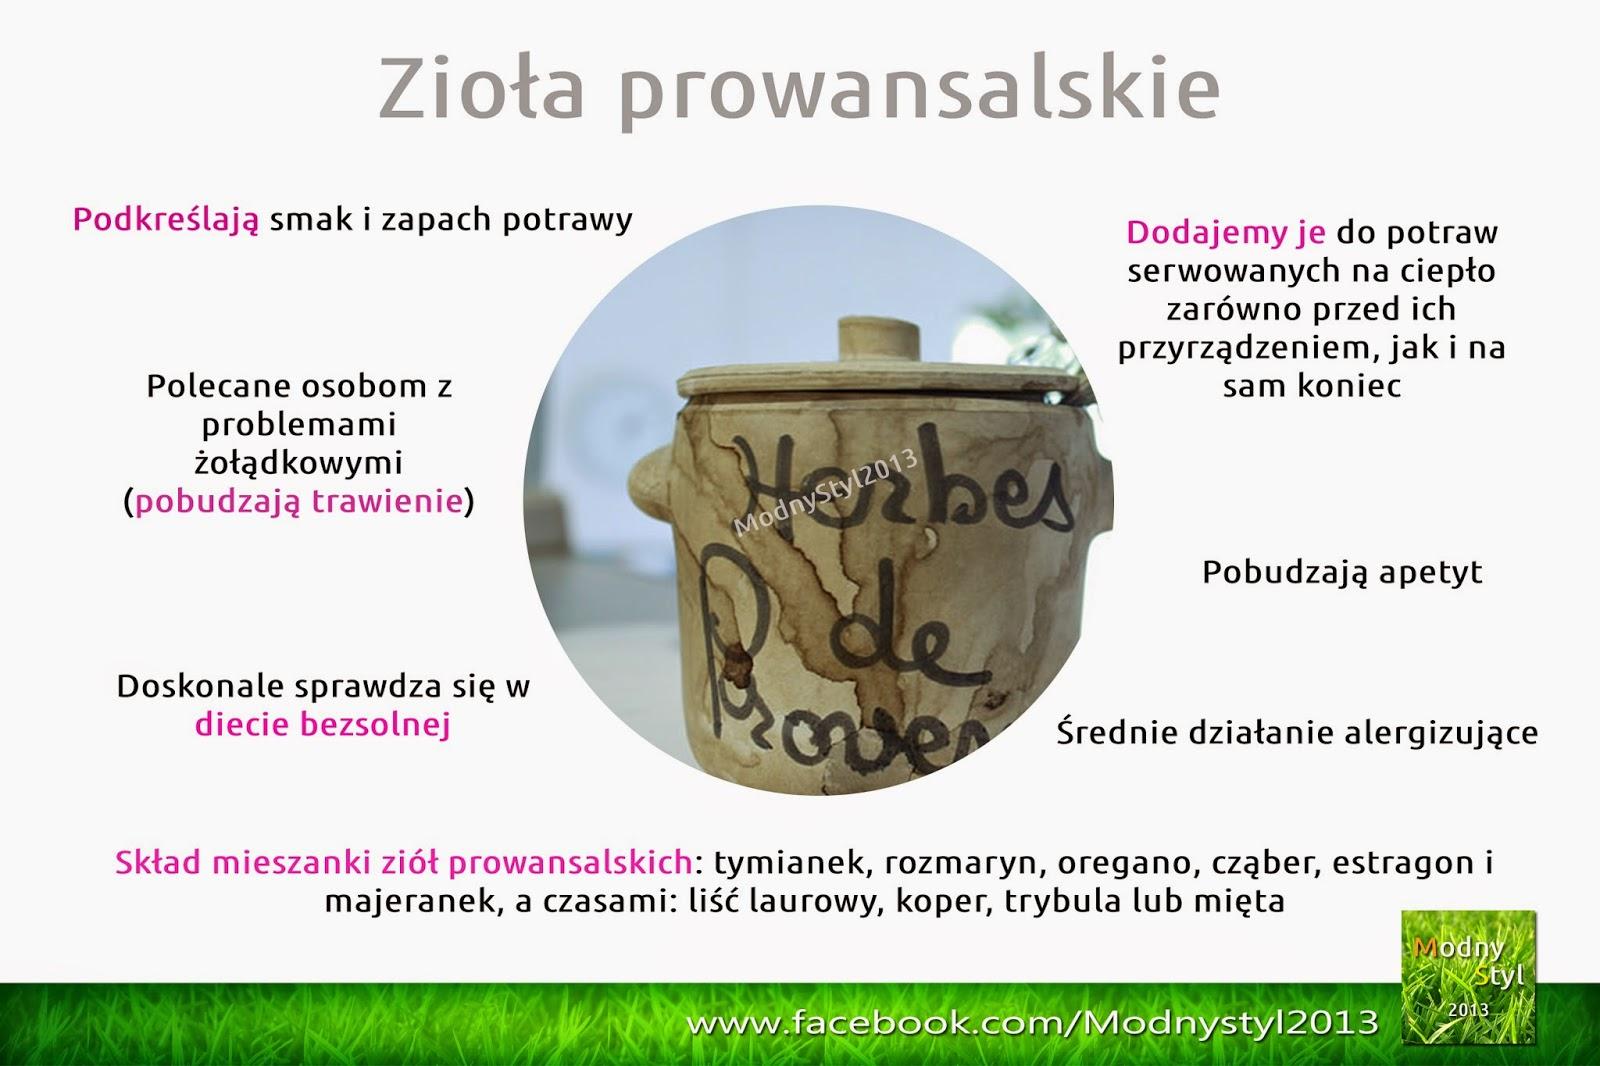 Zioła prowansalskie